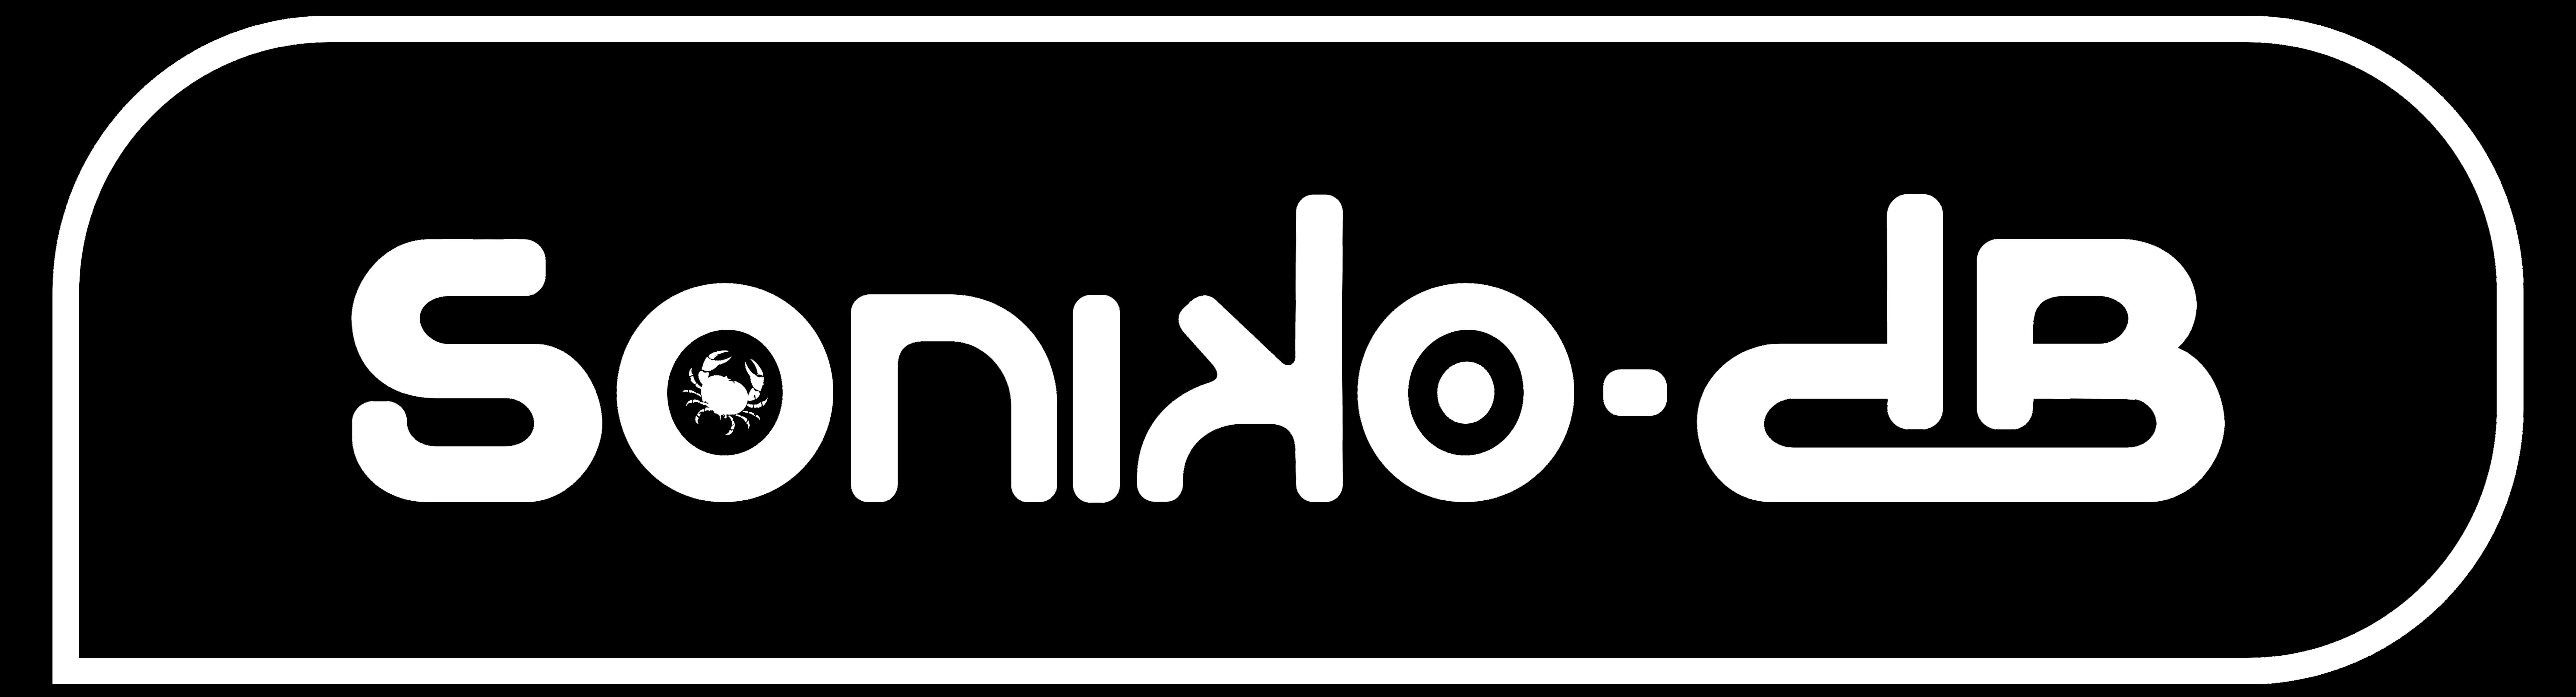 Soniko-dB